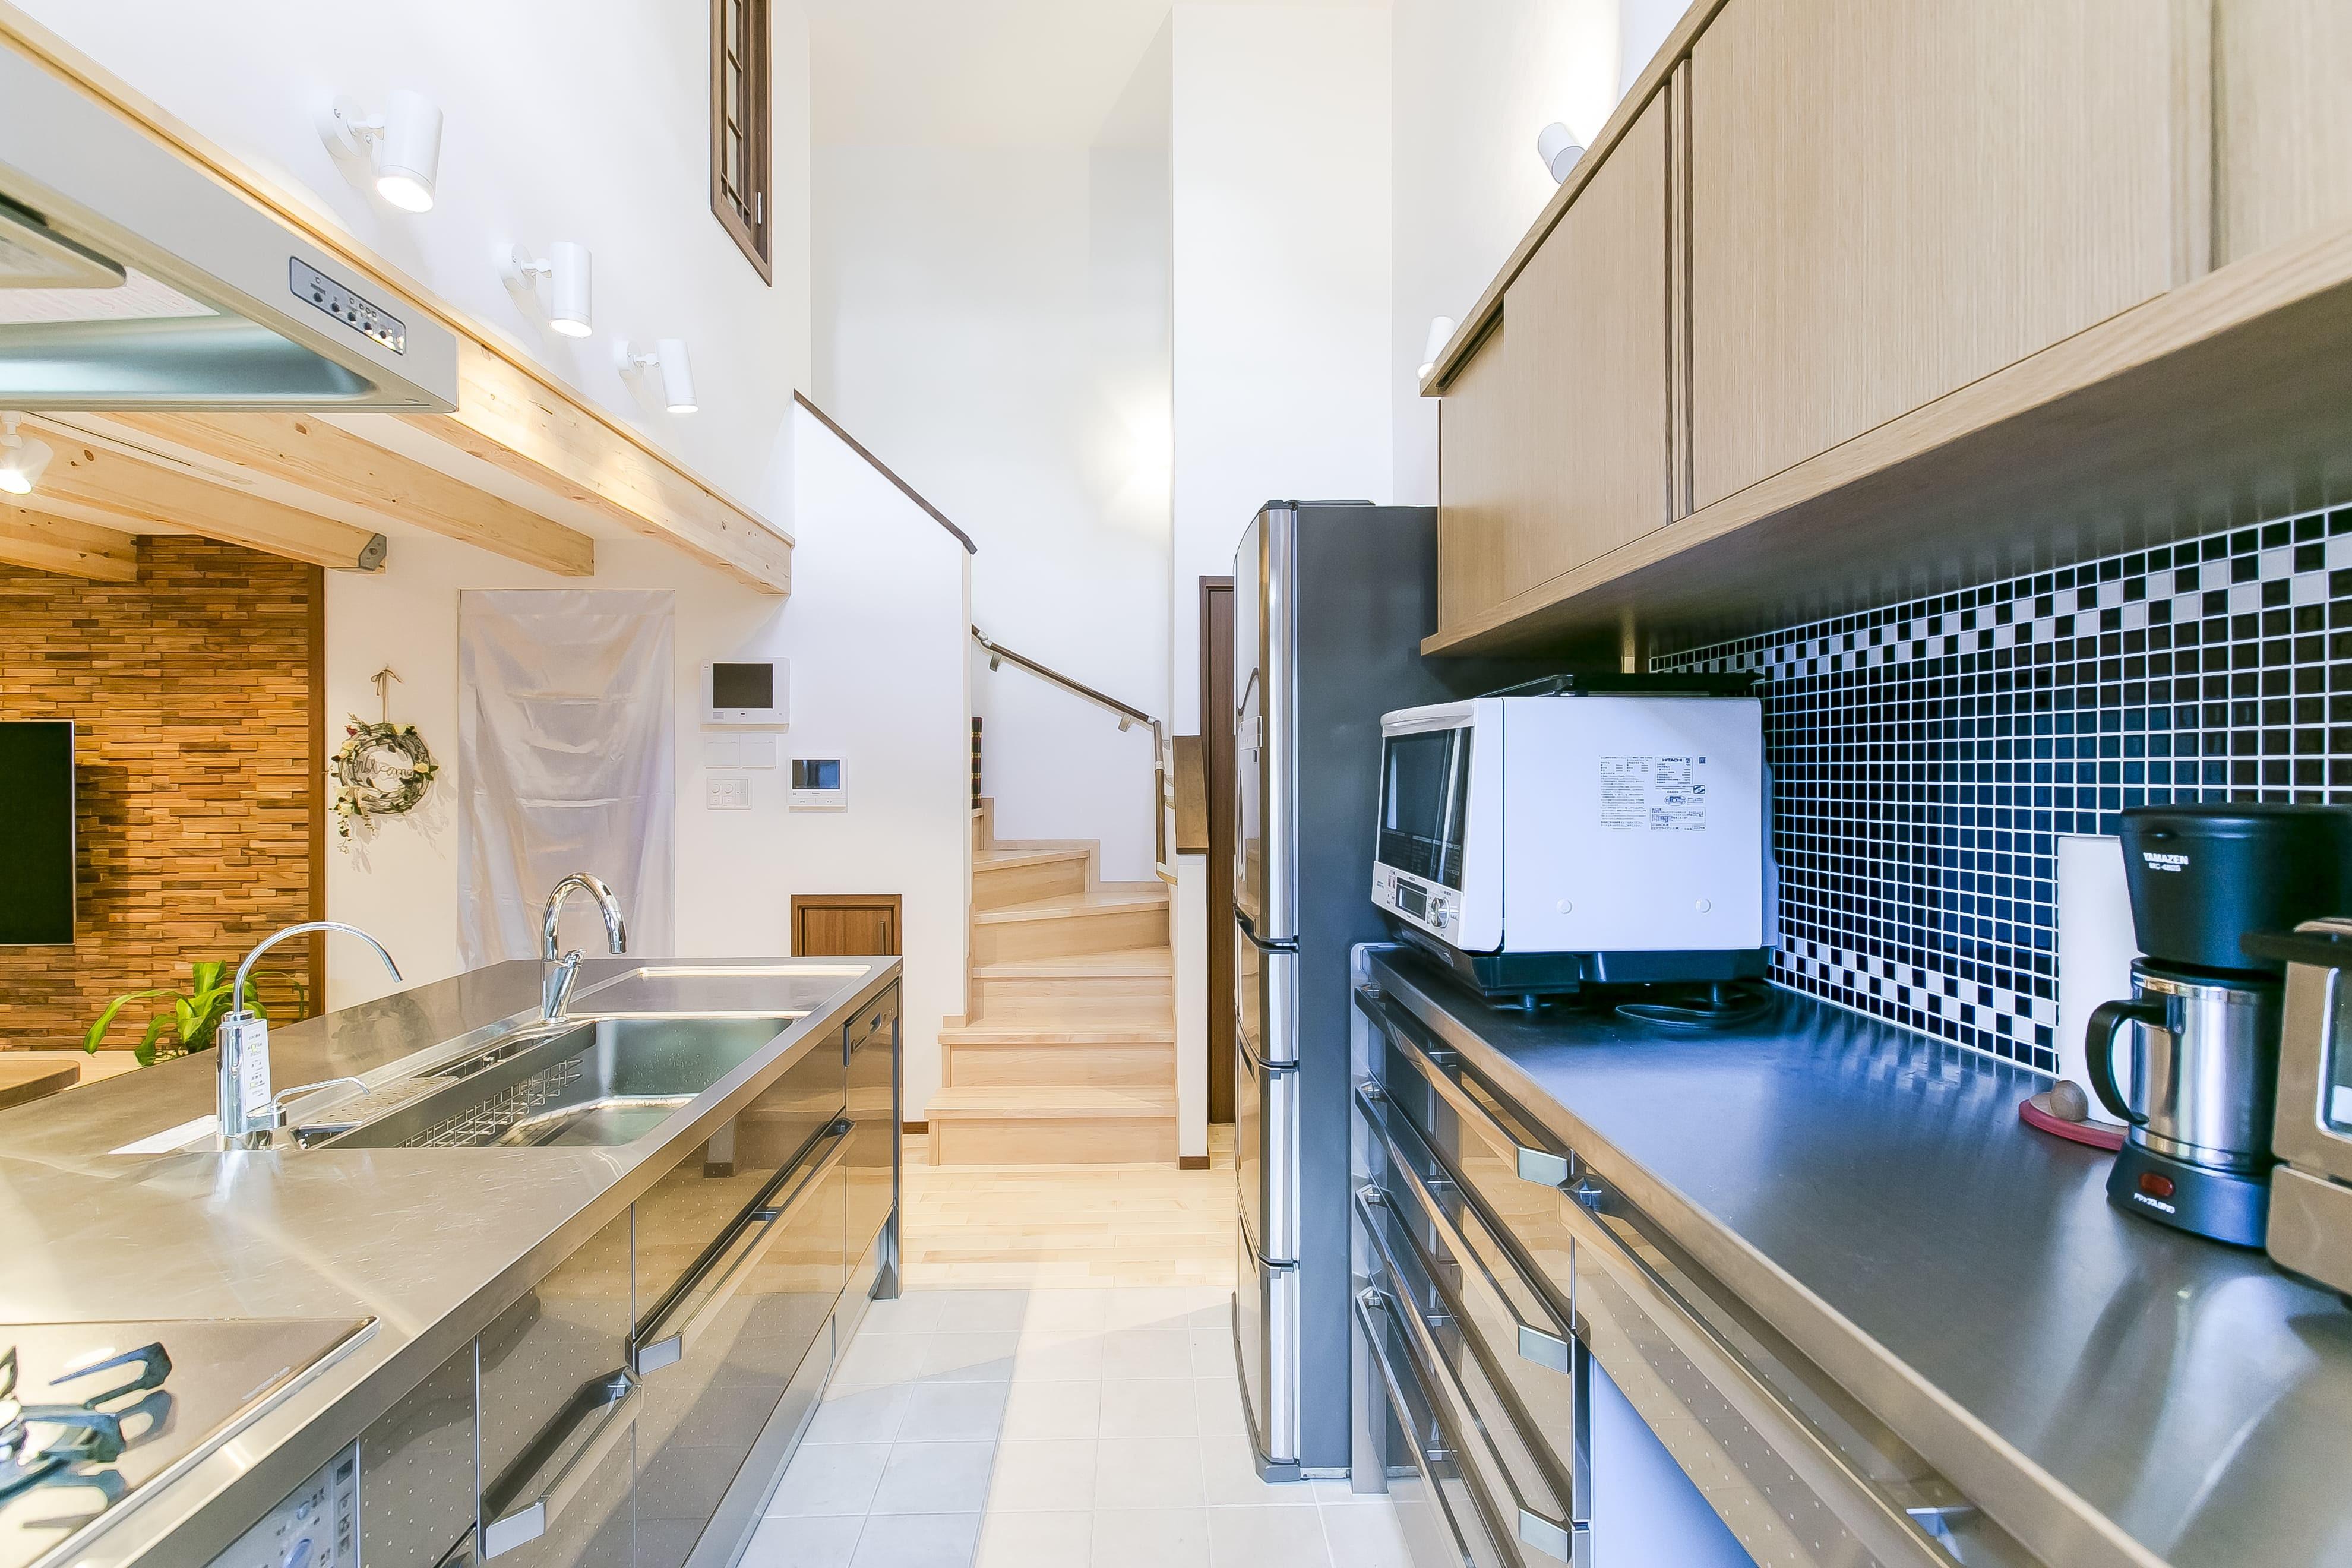 キッチン事例:キッチンの天井は吹き抜けに。(家族が集まる広々としたLDKを中心に、居心地と家事効率を両立させた住まい。)